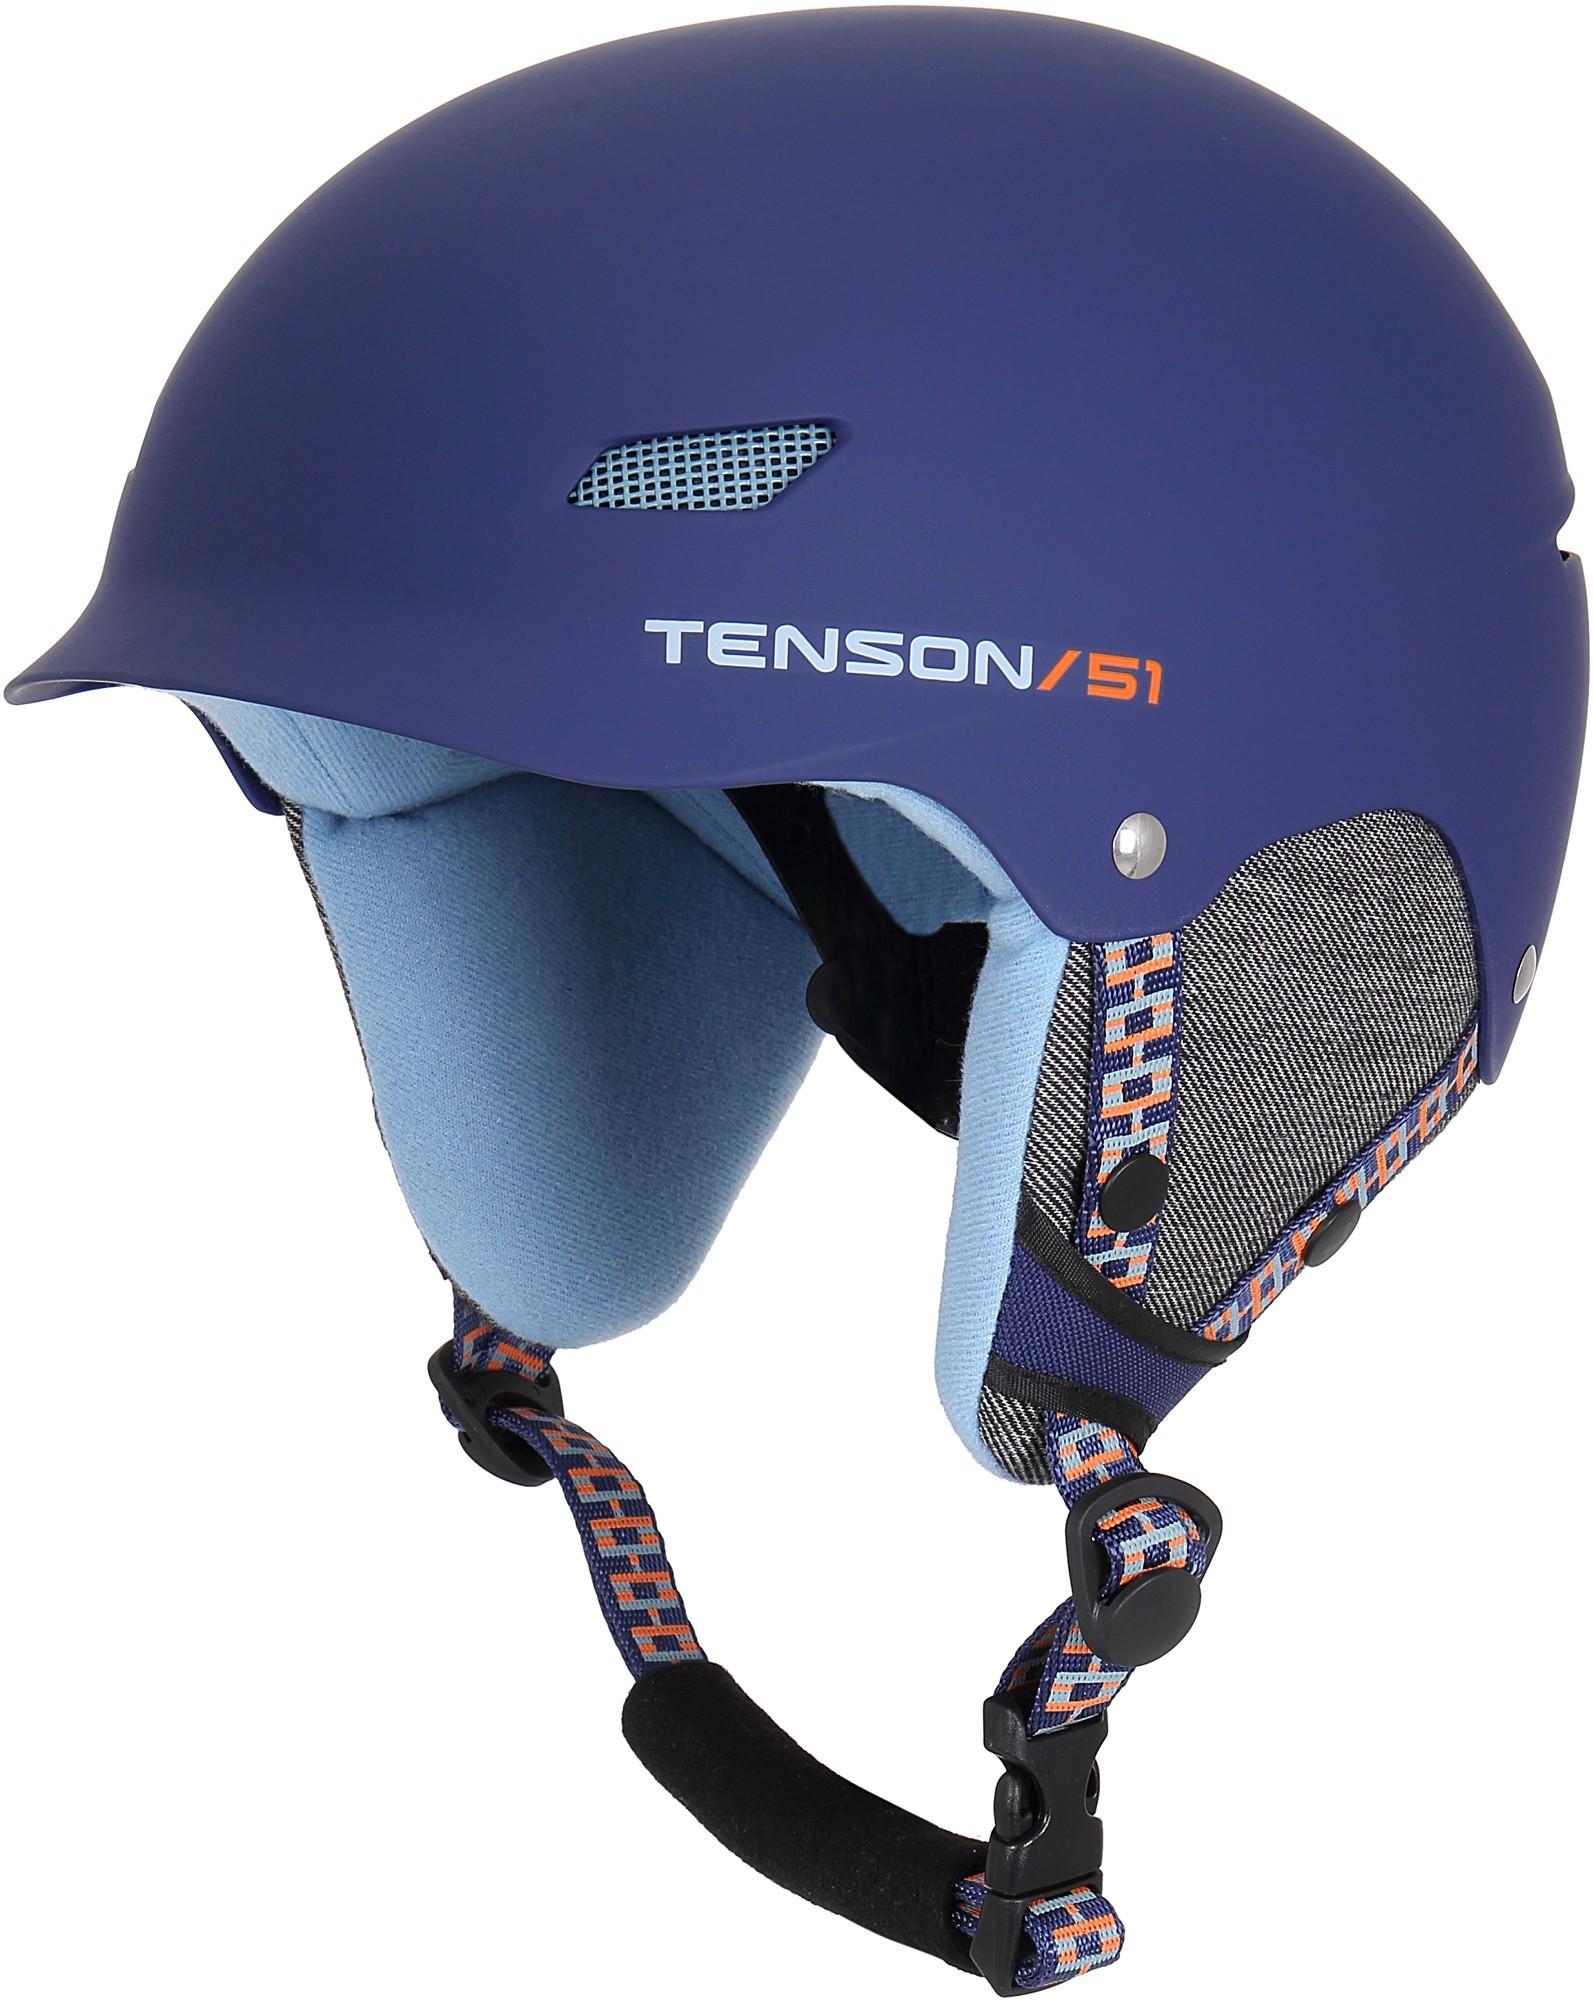 Kask narciarski dziecięcy Tenson PARK, granatowy one size Navy Blue